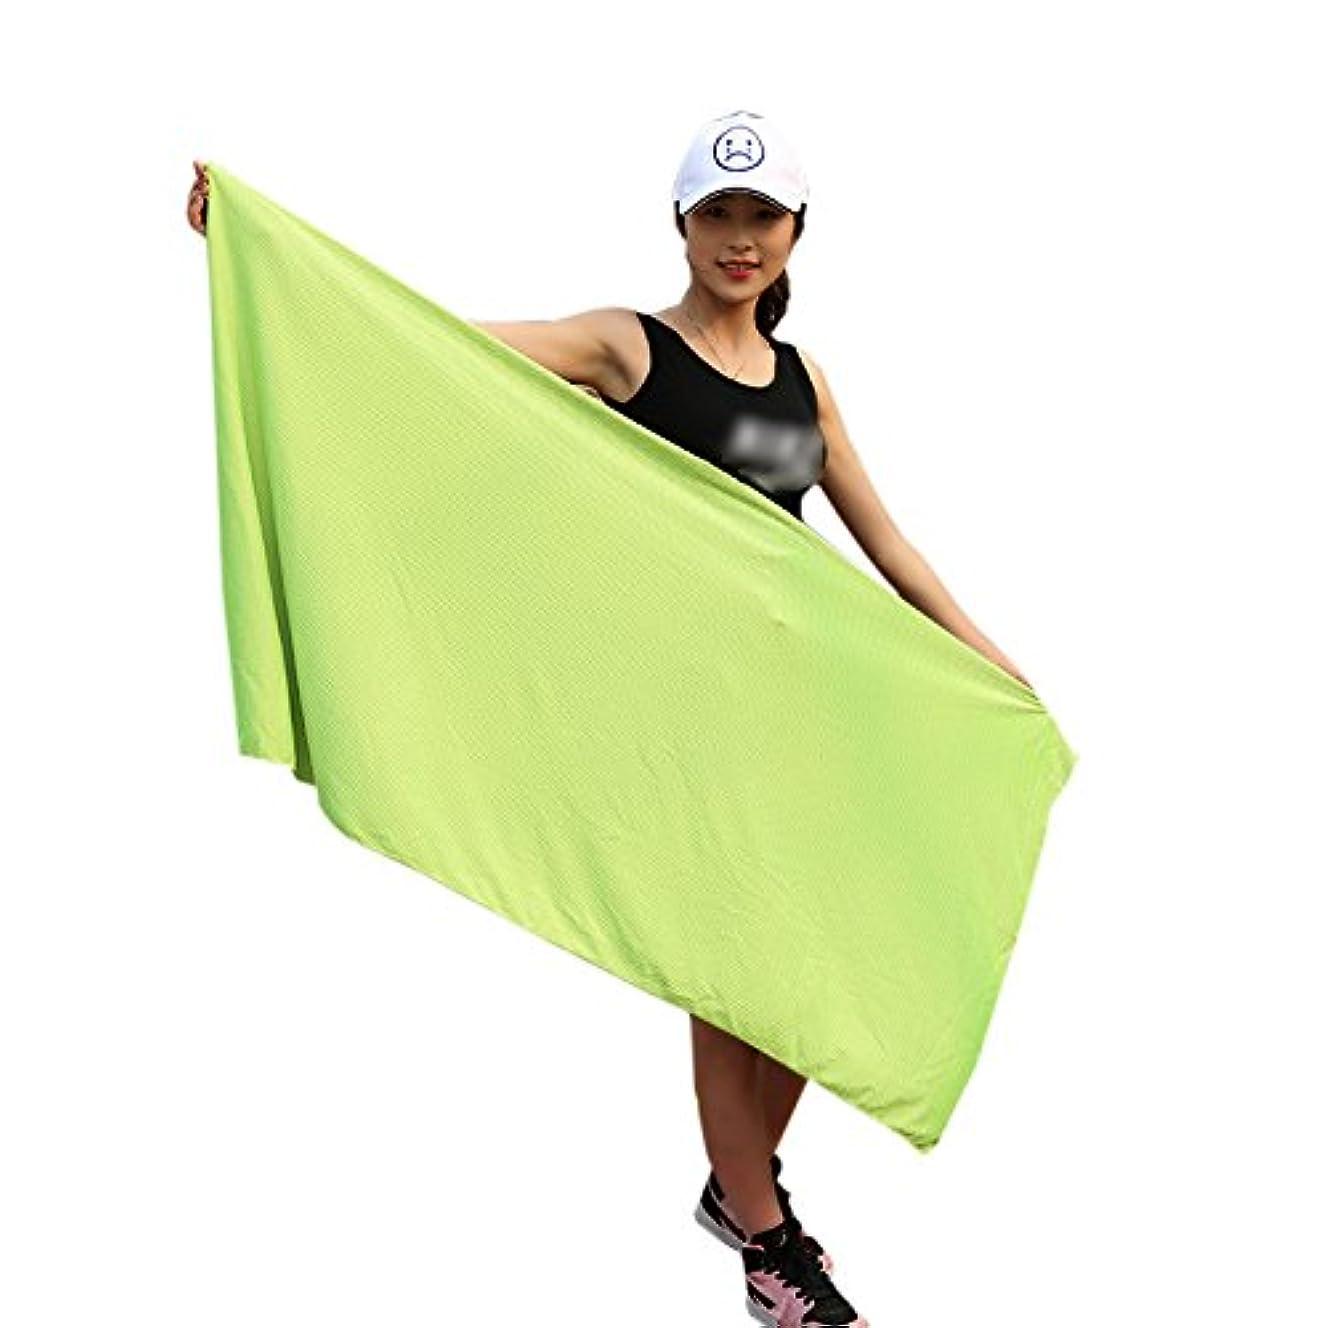 指標を必要としていますなにZumZup 冷却タオル 80 * 150㎝ 超涼しい バスタオル スポーツ プール 運動 水泳 熱中症対策 UVカット 紫外線対策 速乾タオル スポーツタオル 大判 大きいサイズ ローズ